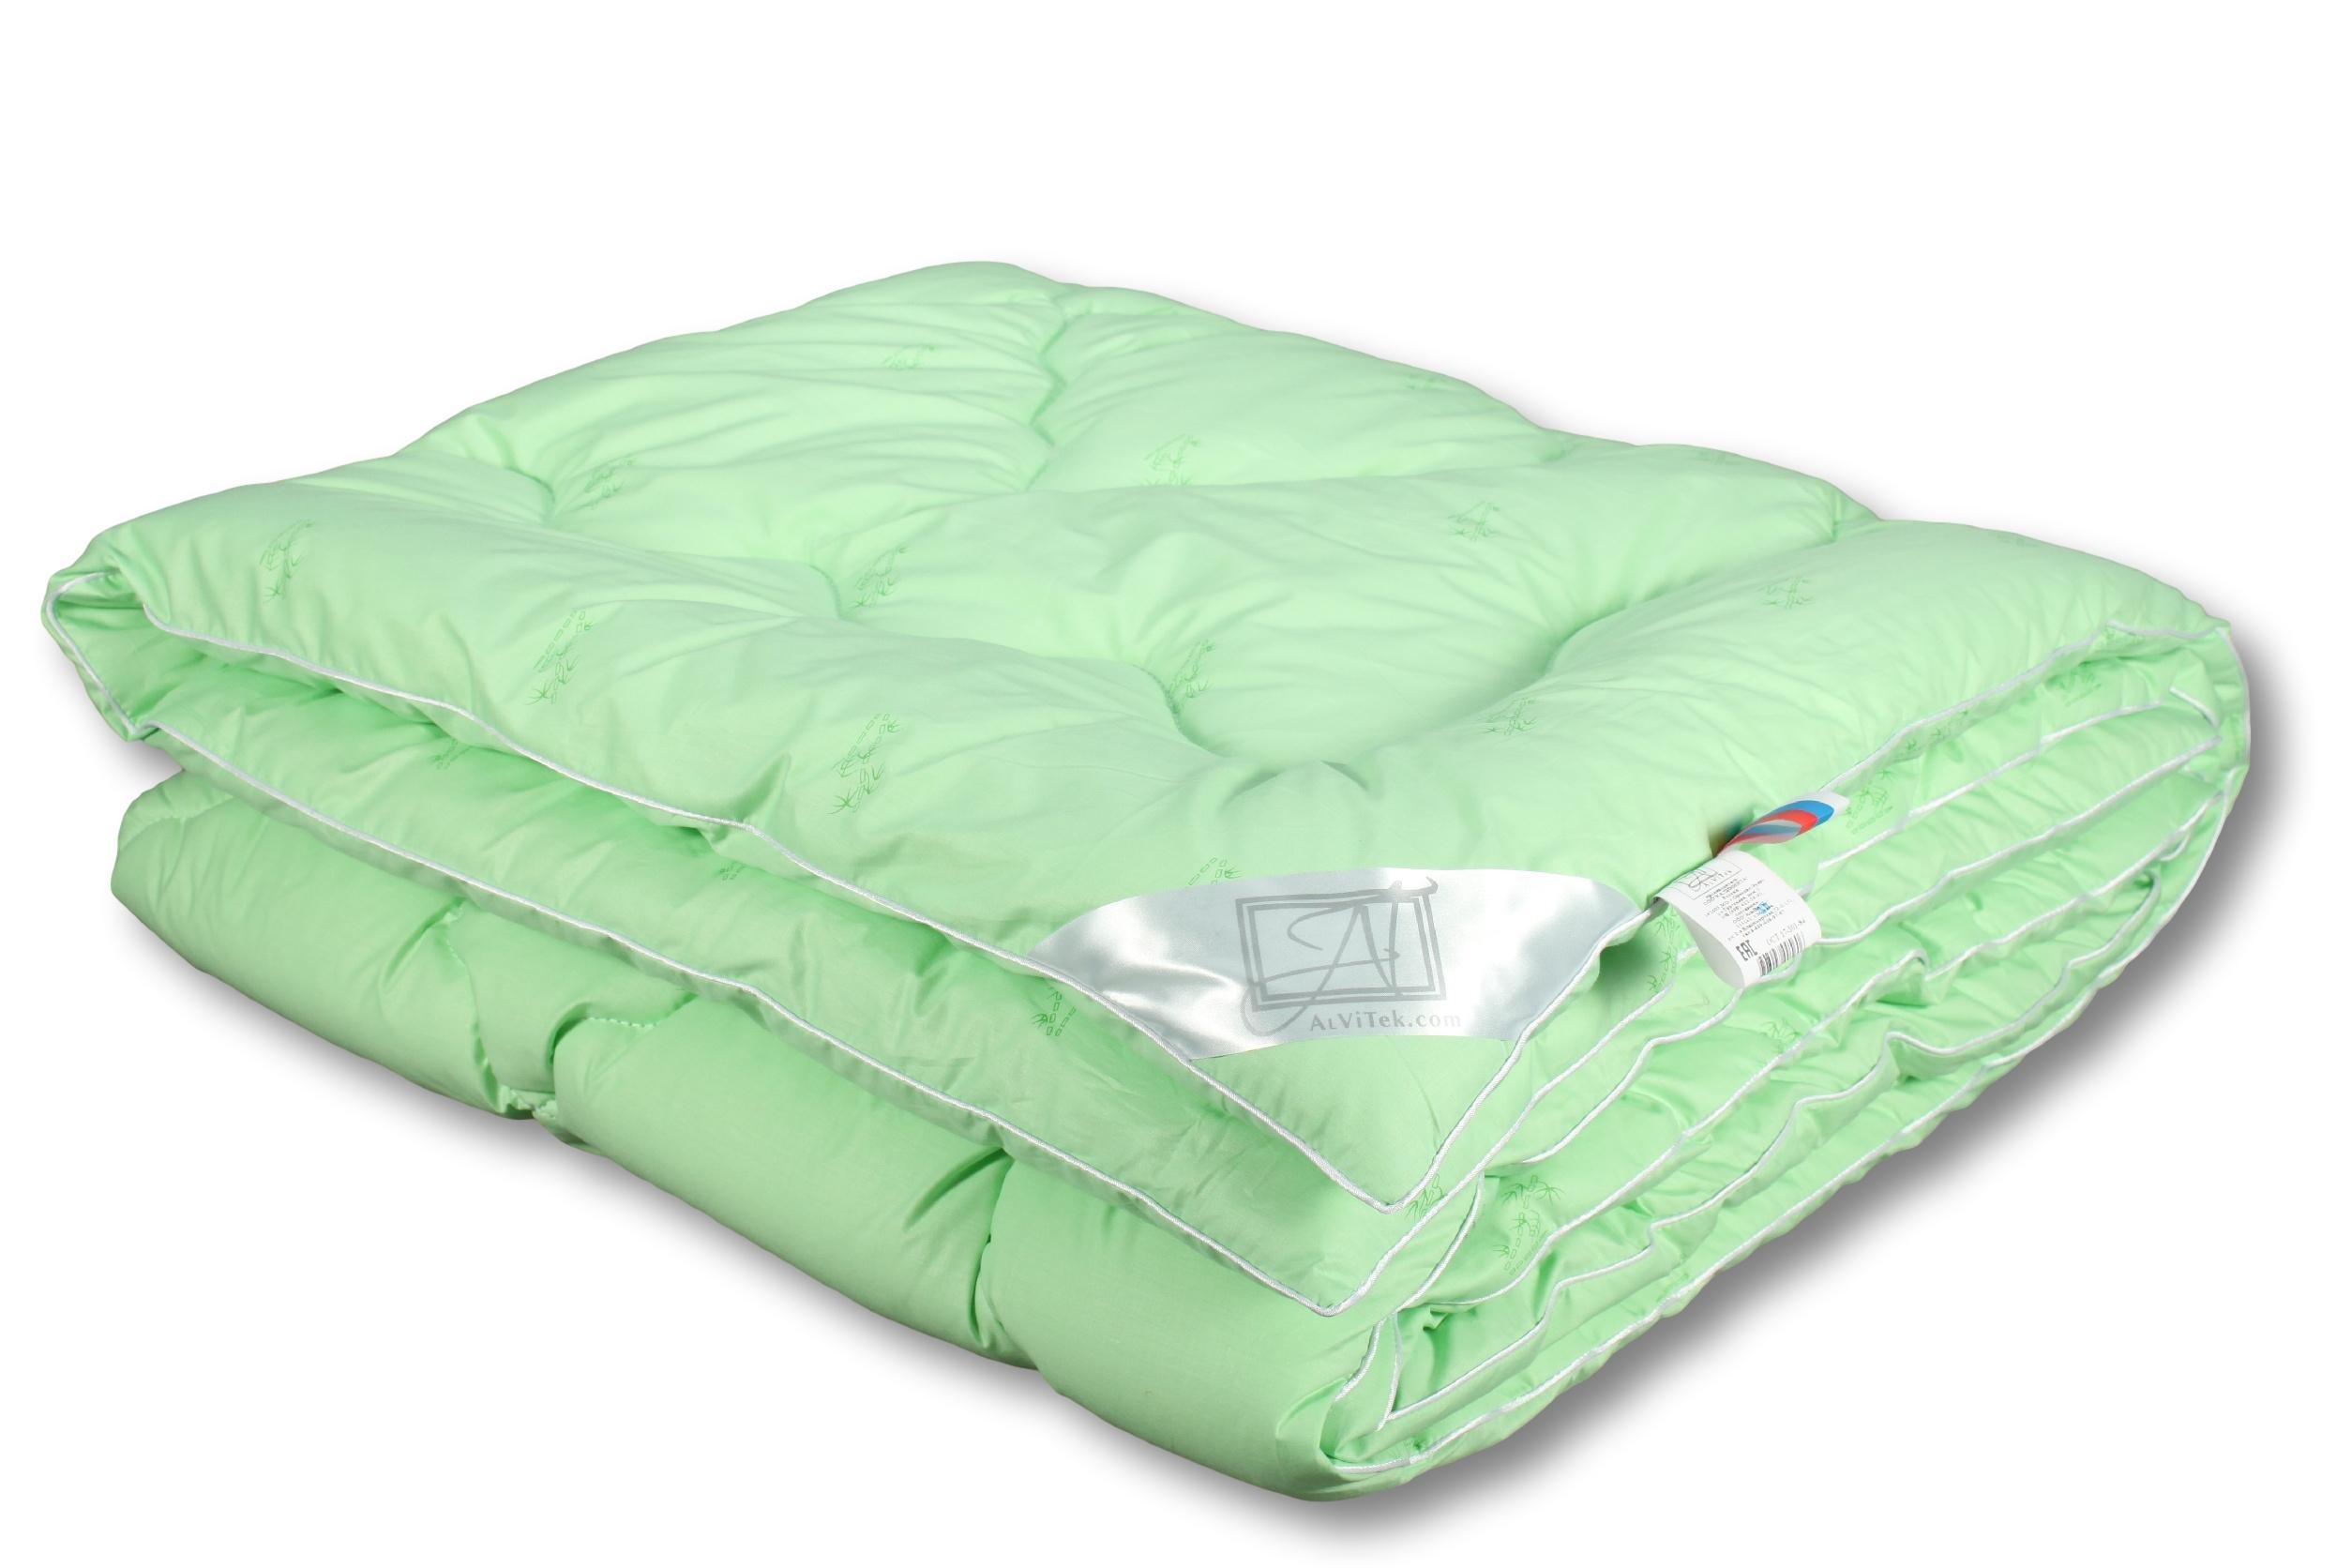 Купить Одеяла AlViTek, Одеяло Бамбук Всесезонное (210х240 см), Россия, Зеленый, Перкаль